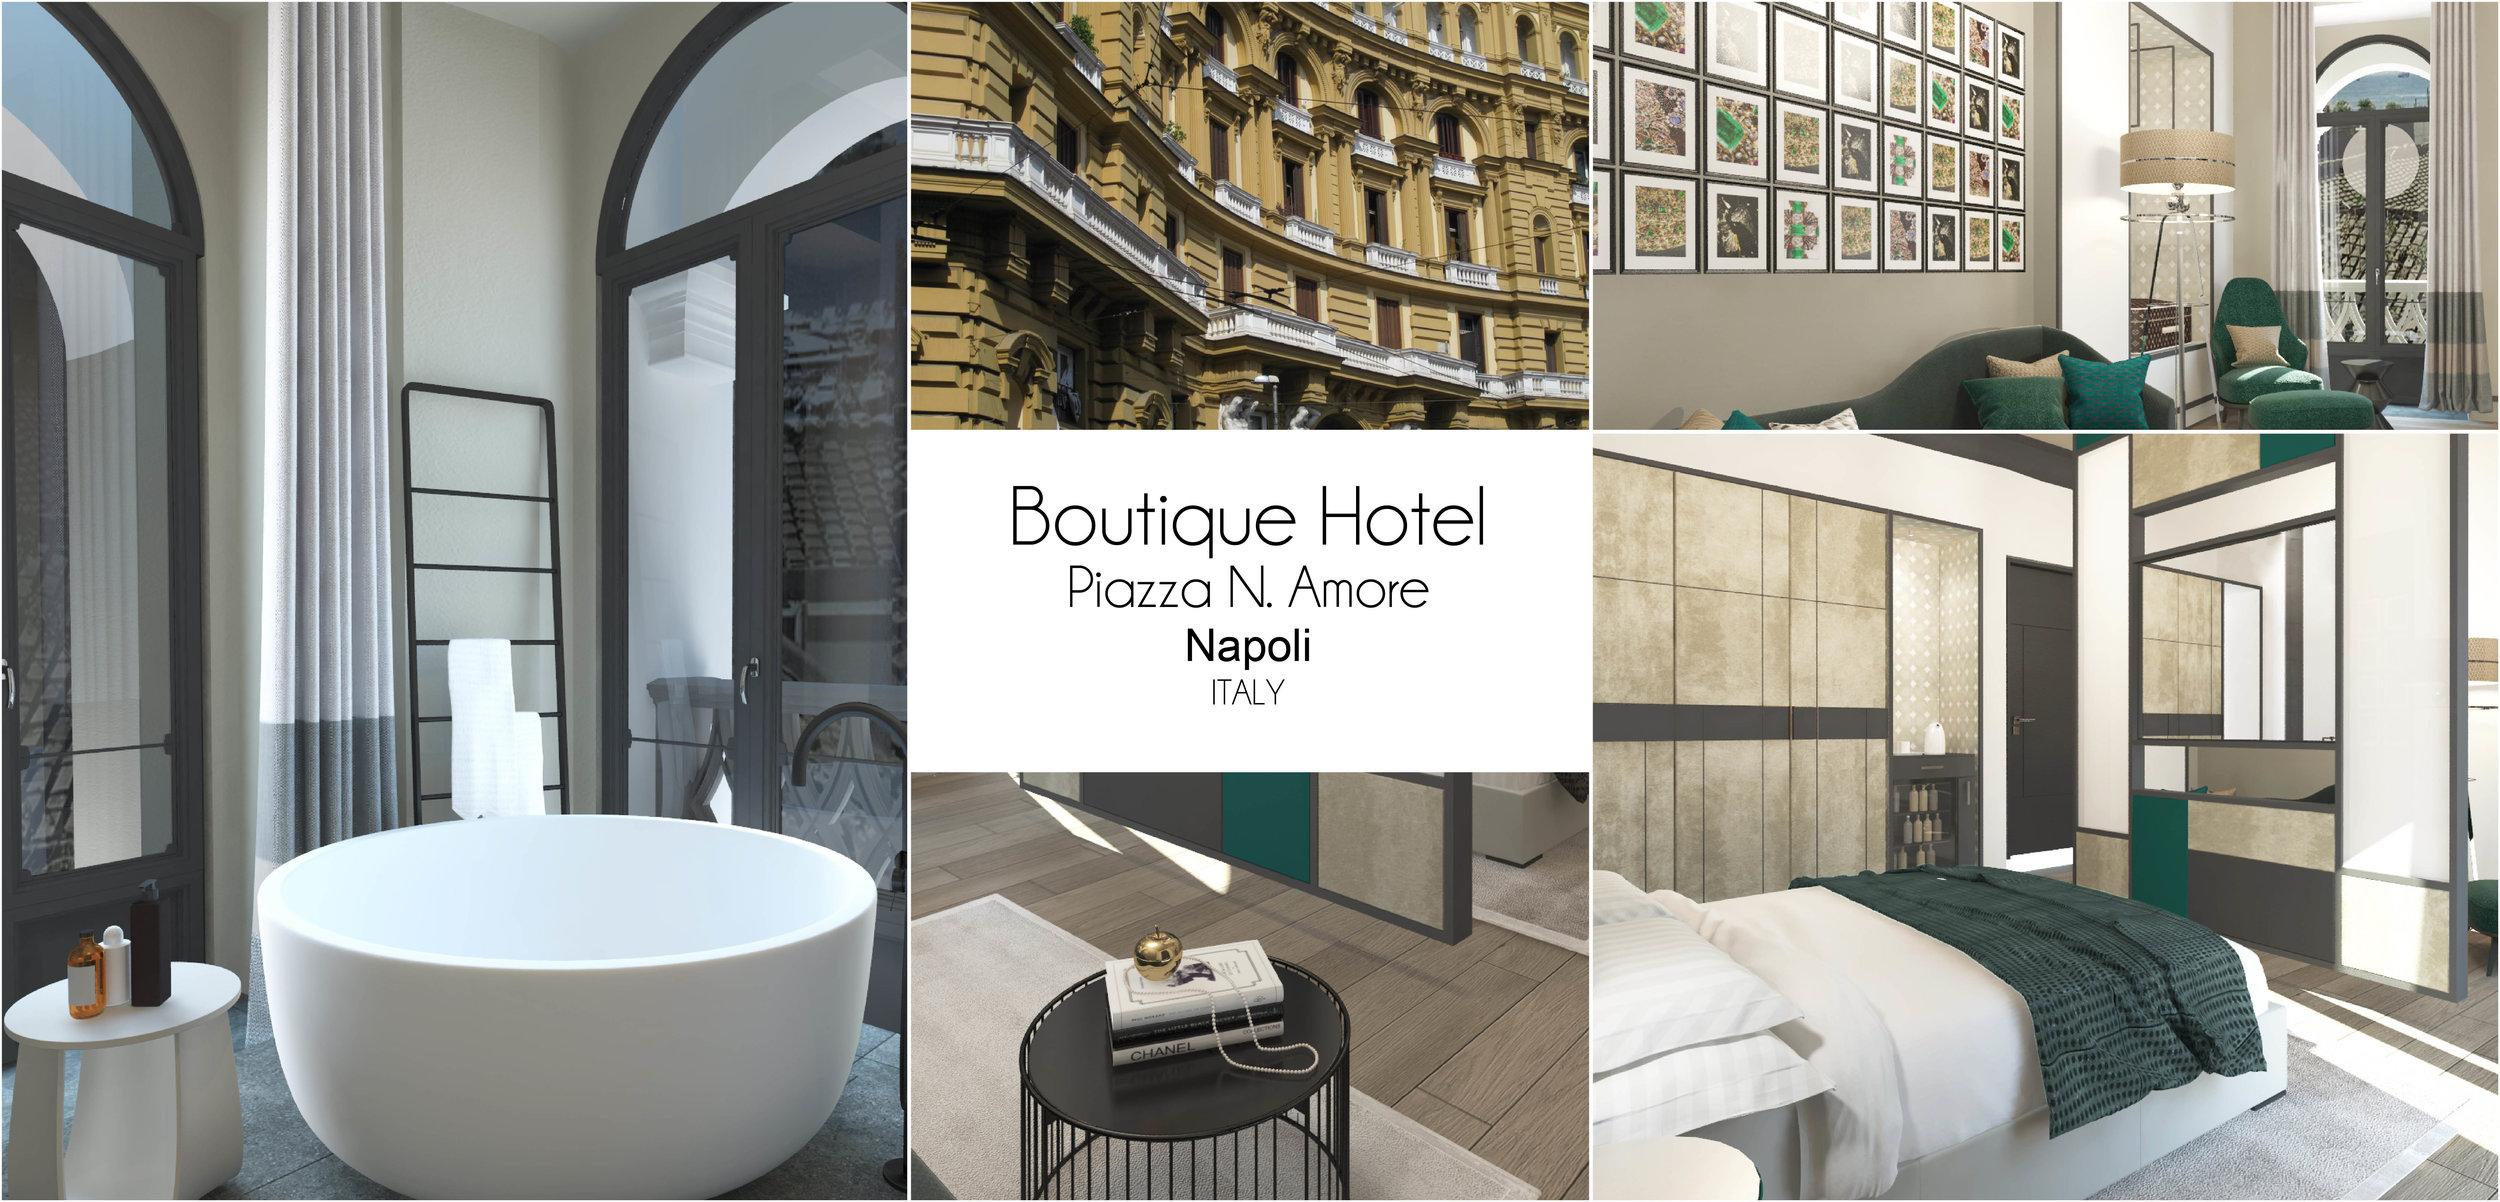 Boutique Hotel_Napoli.jpg